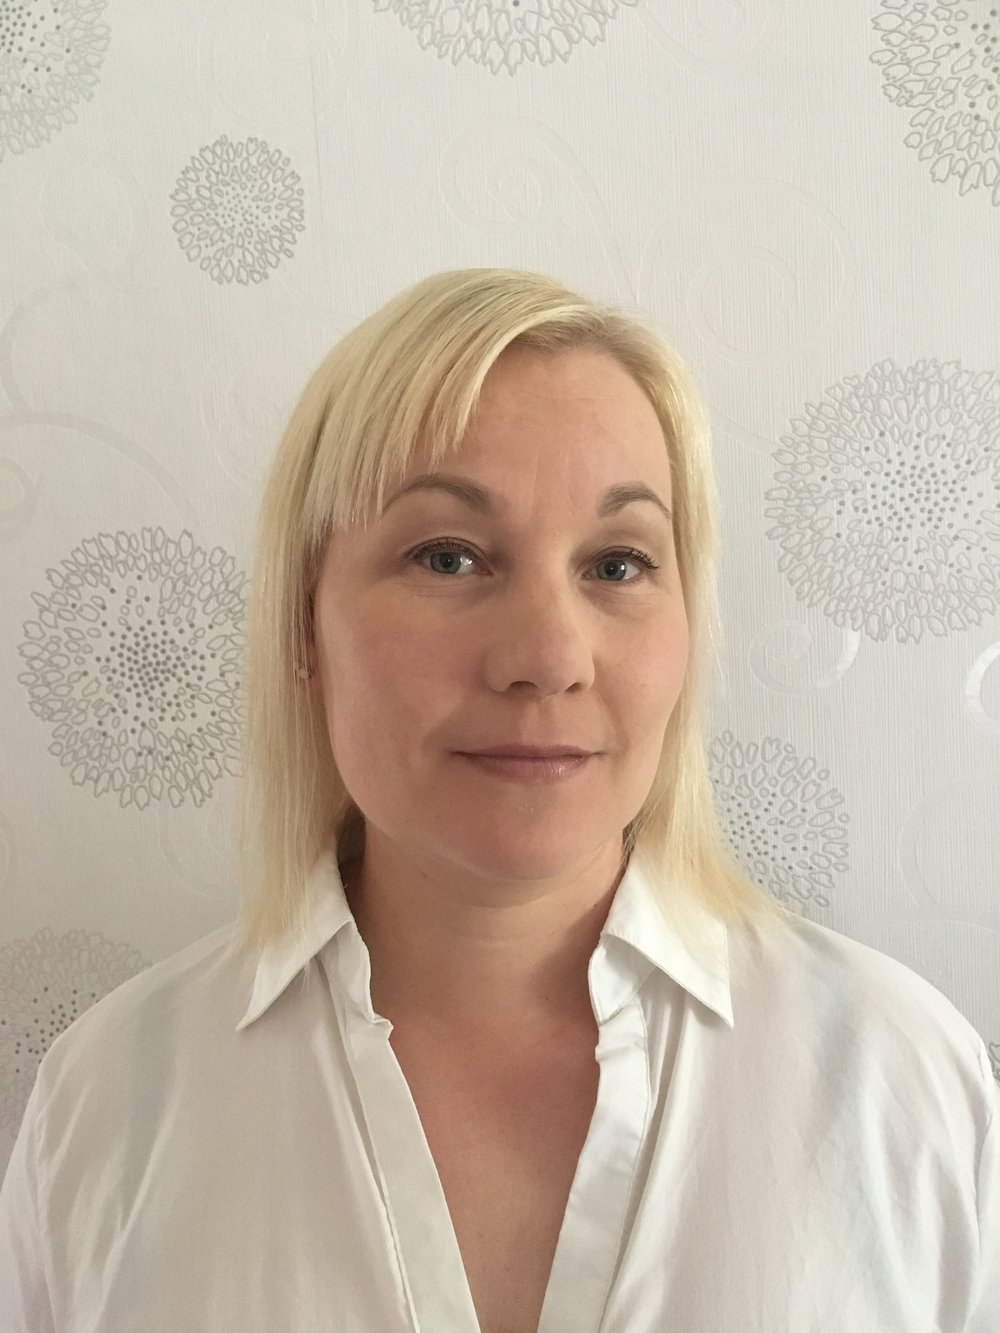 Taina Turunen    Järvenpään toimipaikkavastaava, kognitiivisen käyttäytymisterapian psykoterapeutti, psykiatrinen sairaanhoitaja   Taina on työskennellyt lastensuojelussa, yksityisellä sektorilla ja erikoissairaanhoidossa niin lasten kuin aikuisten parissa sekä toiminut tiiminvetäjänä ja apulaisosastonhoitajana.  Työssään Taina on asioihin tarttuva, tunnollinen ja positiivisesti suuntautunut. Keskeisinä arvoina asiakastyössä ovat toisten kunnioittaminen ja aito kohtaaminen.